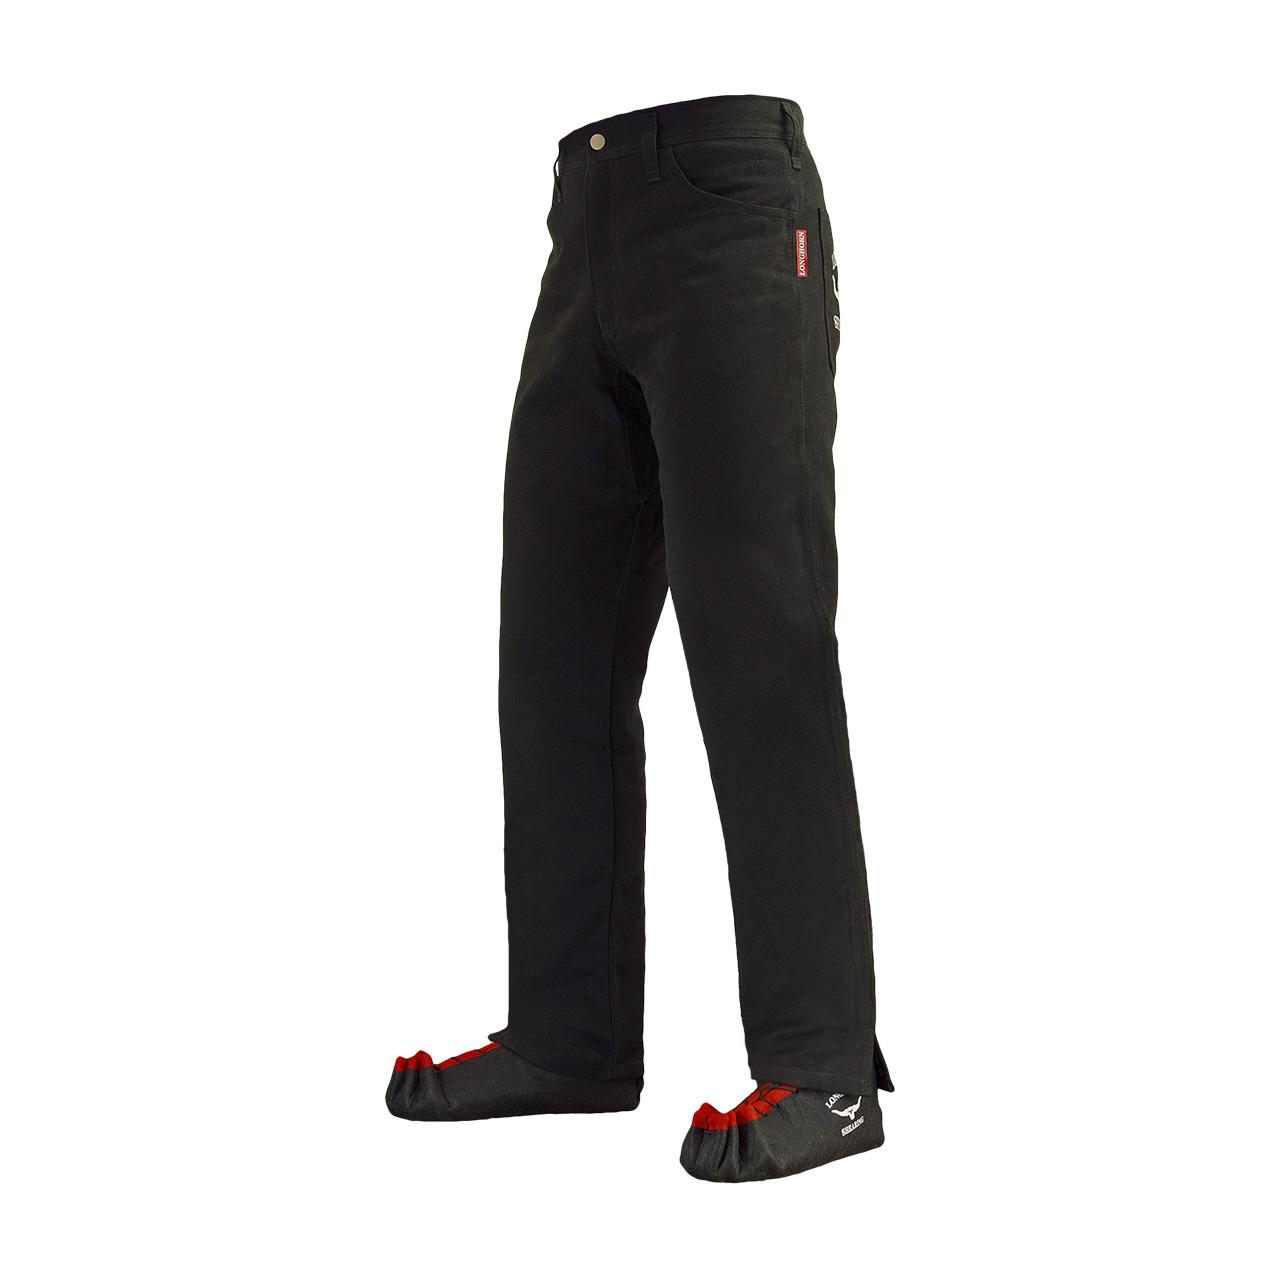 Longhorn™ kalhoty pro střihače ovcí s 2 předními kapsami velikost Slim 35/34 (6 1/2)